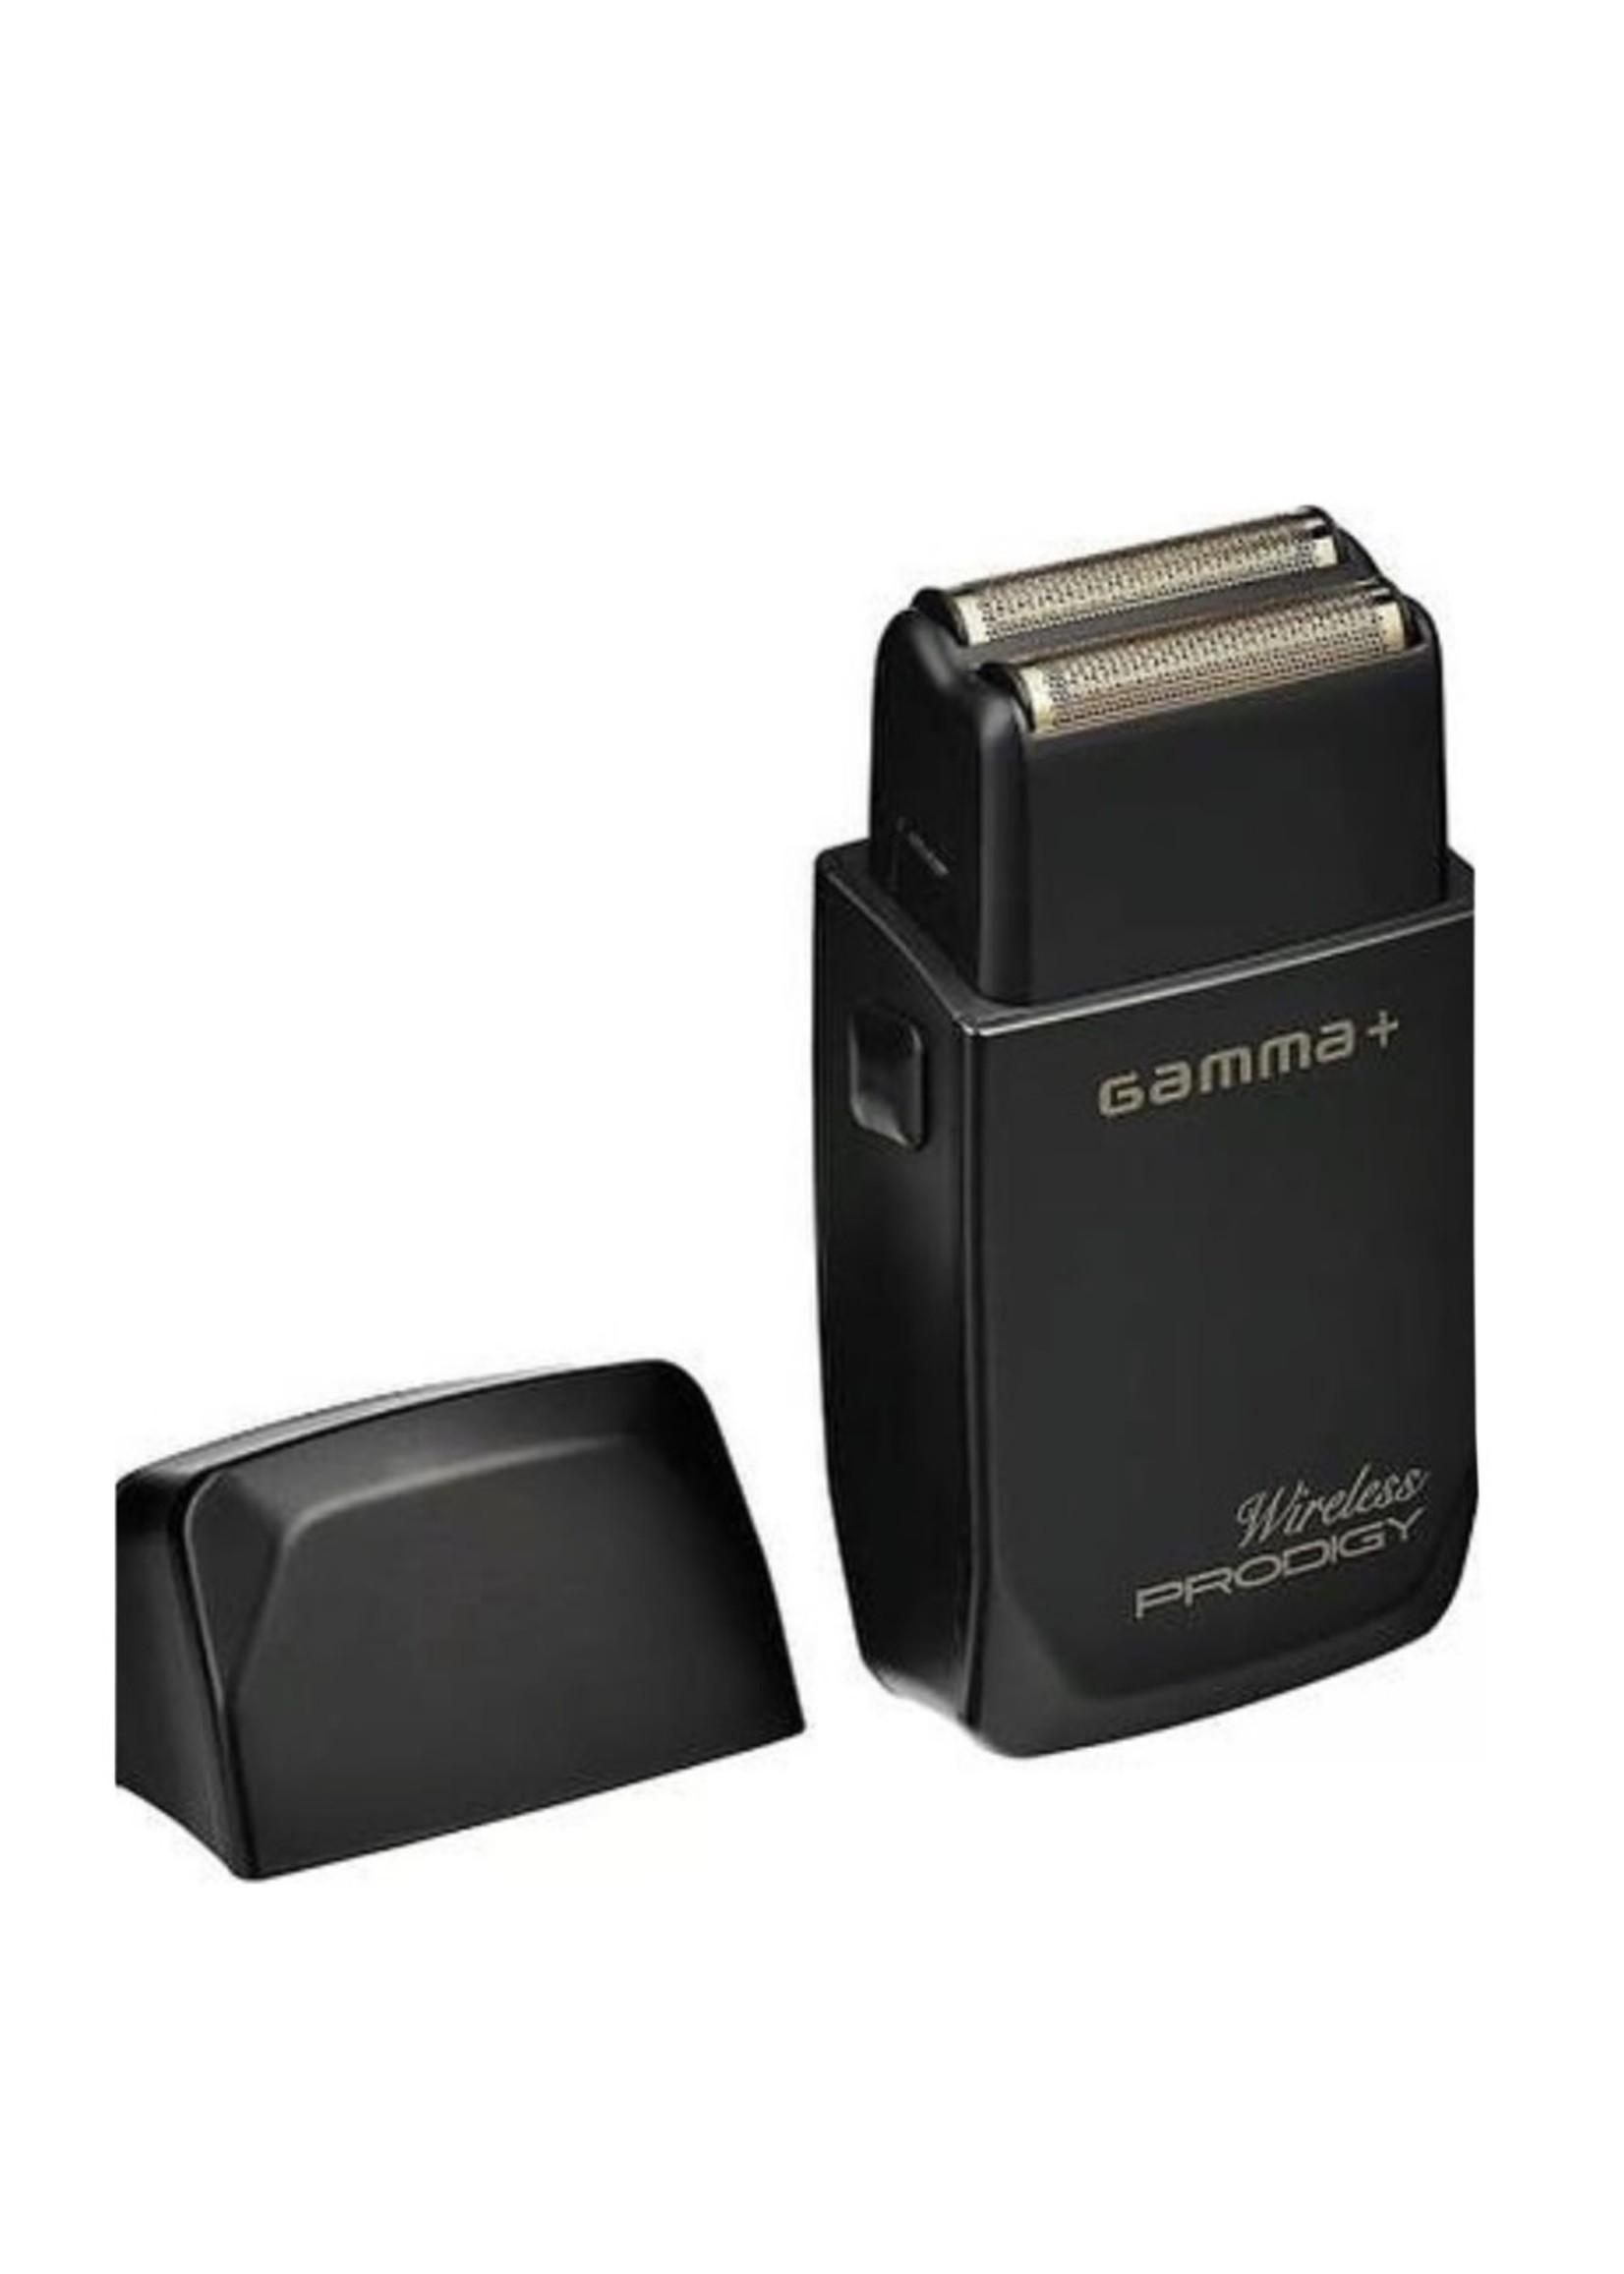 Gamma Plus Gamma+ Wireless Prodigy Foil Shaver Matte Black